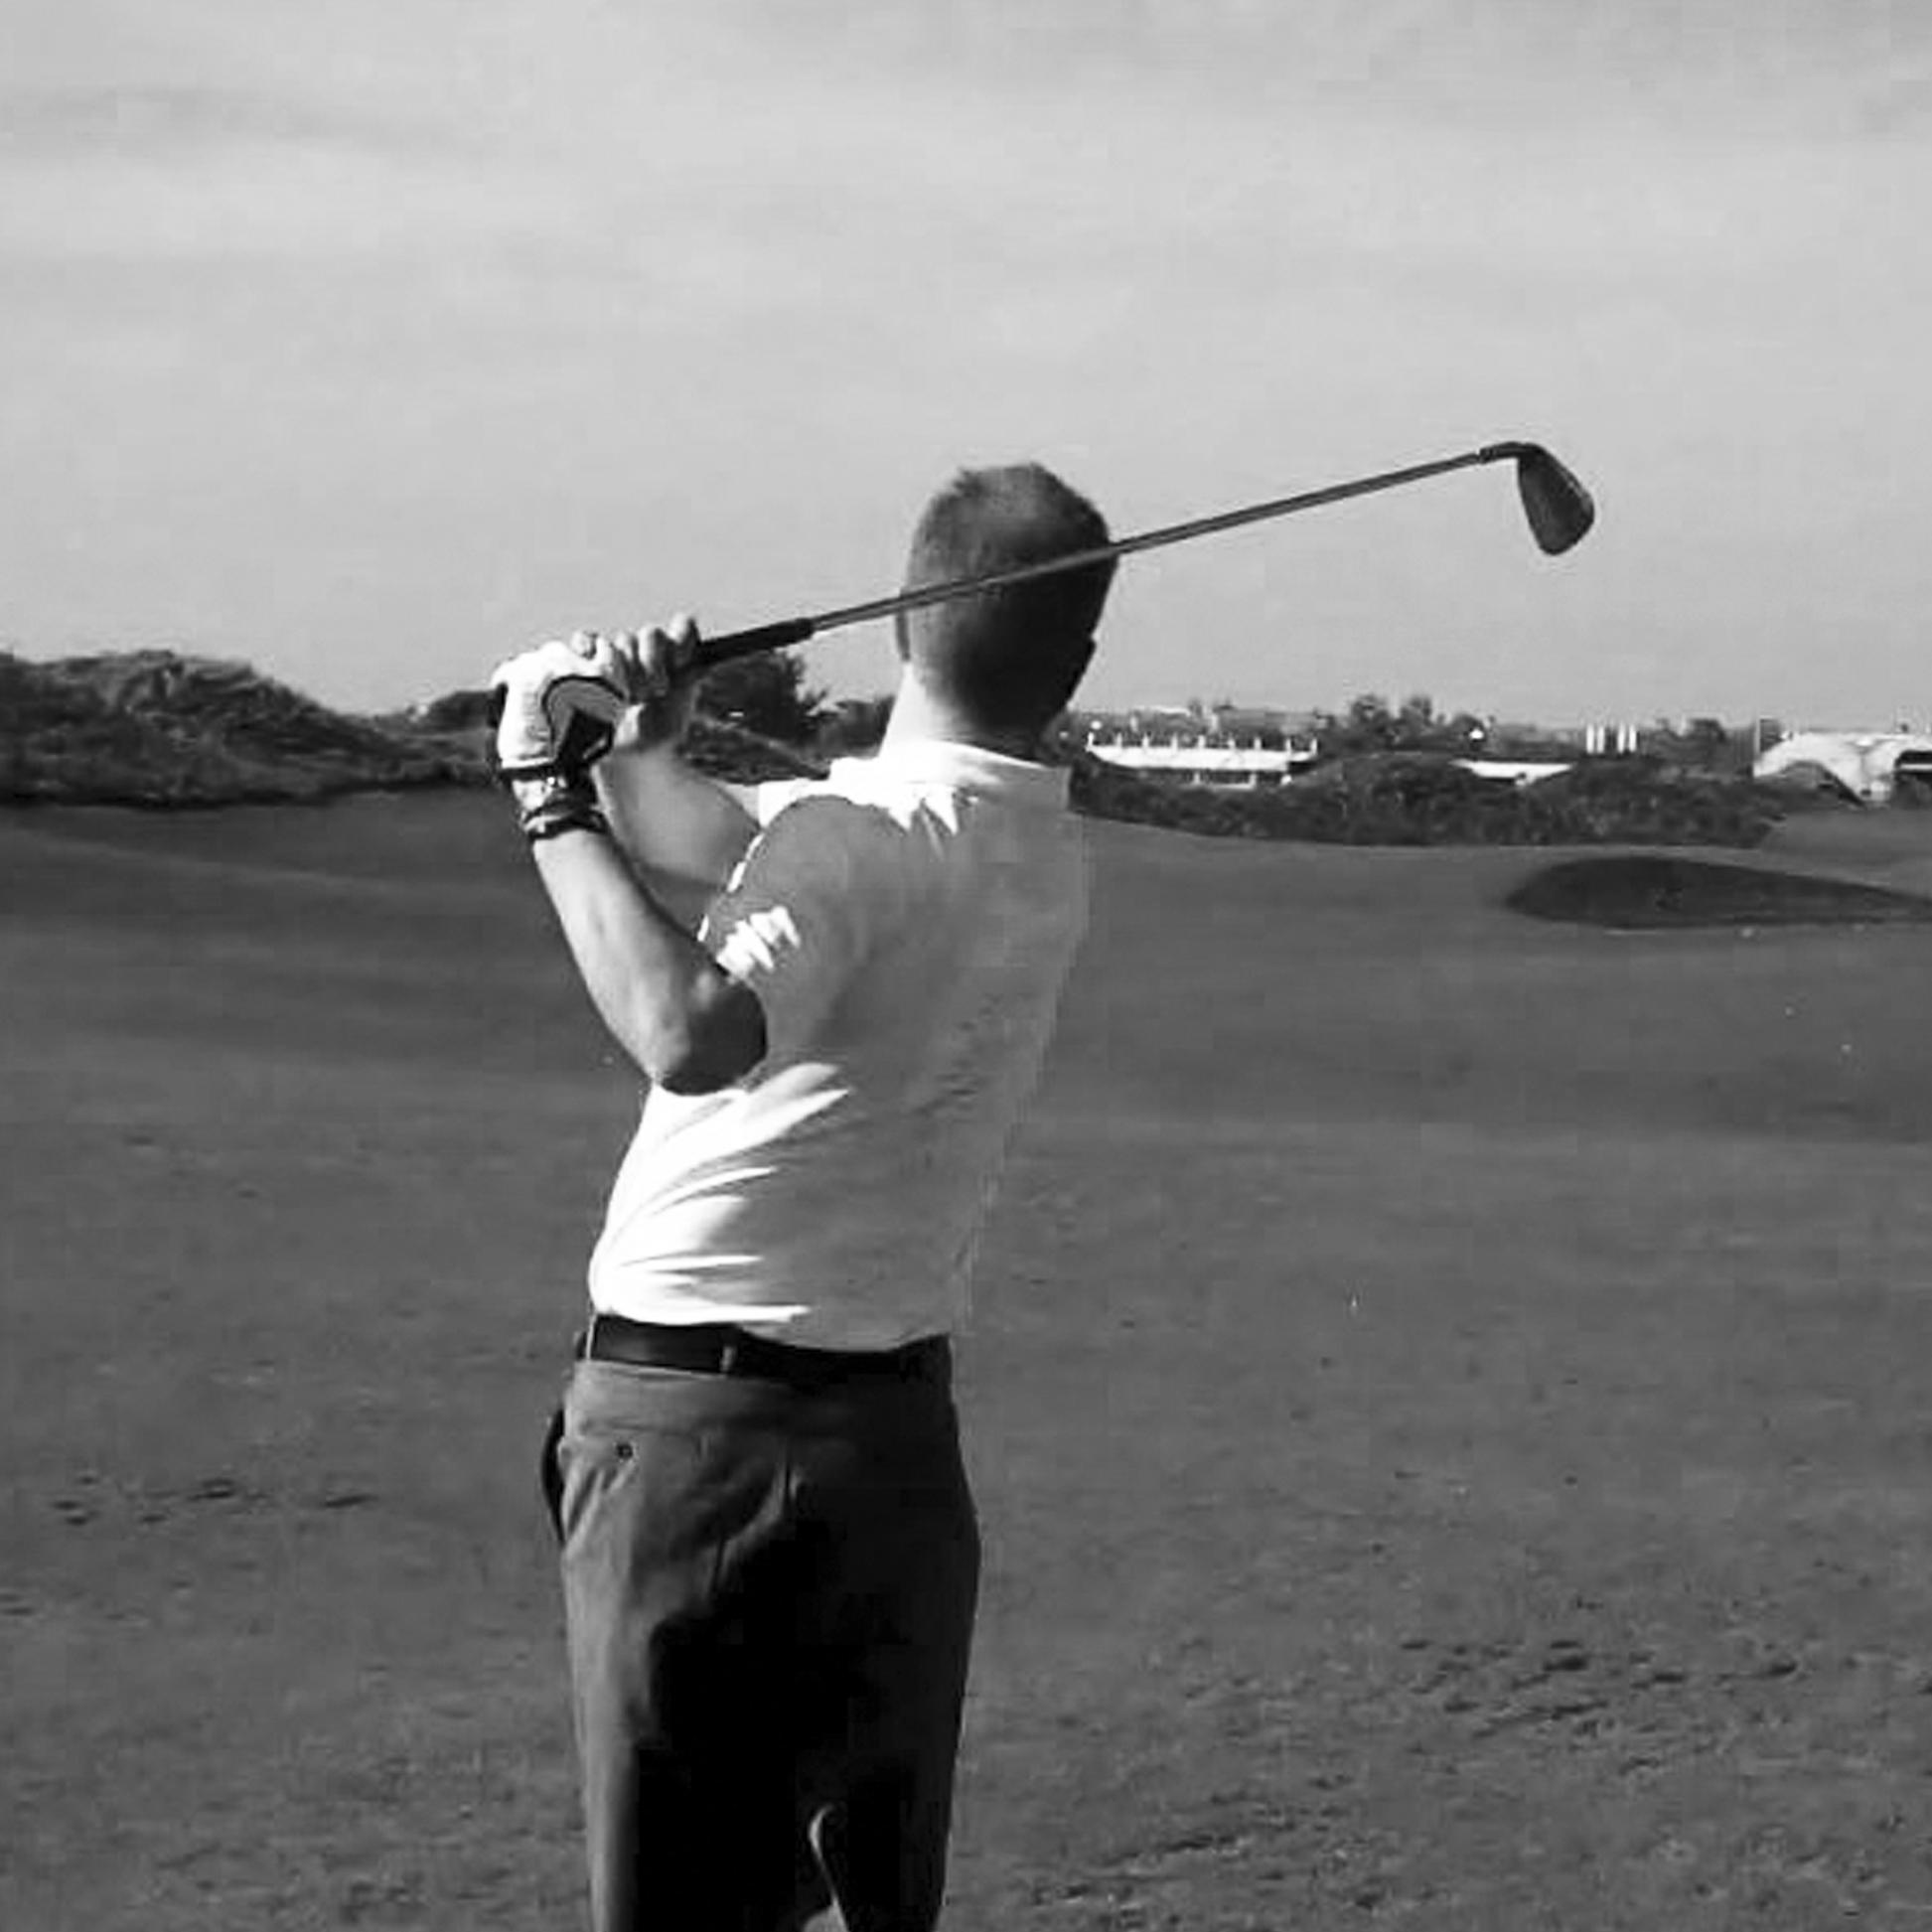 golfer1978